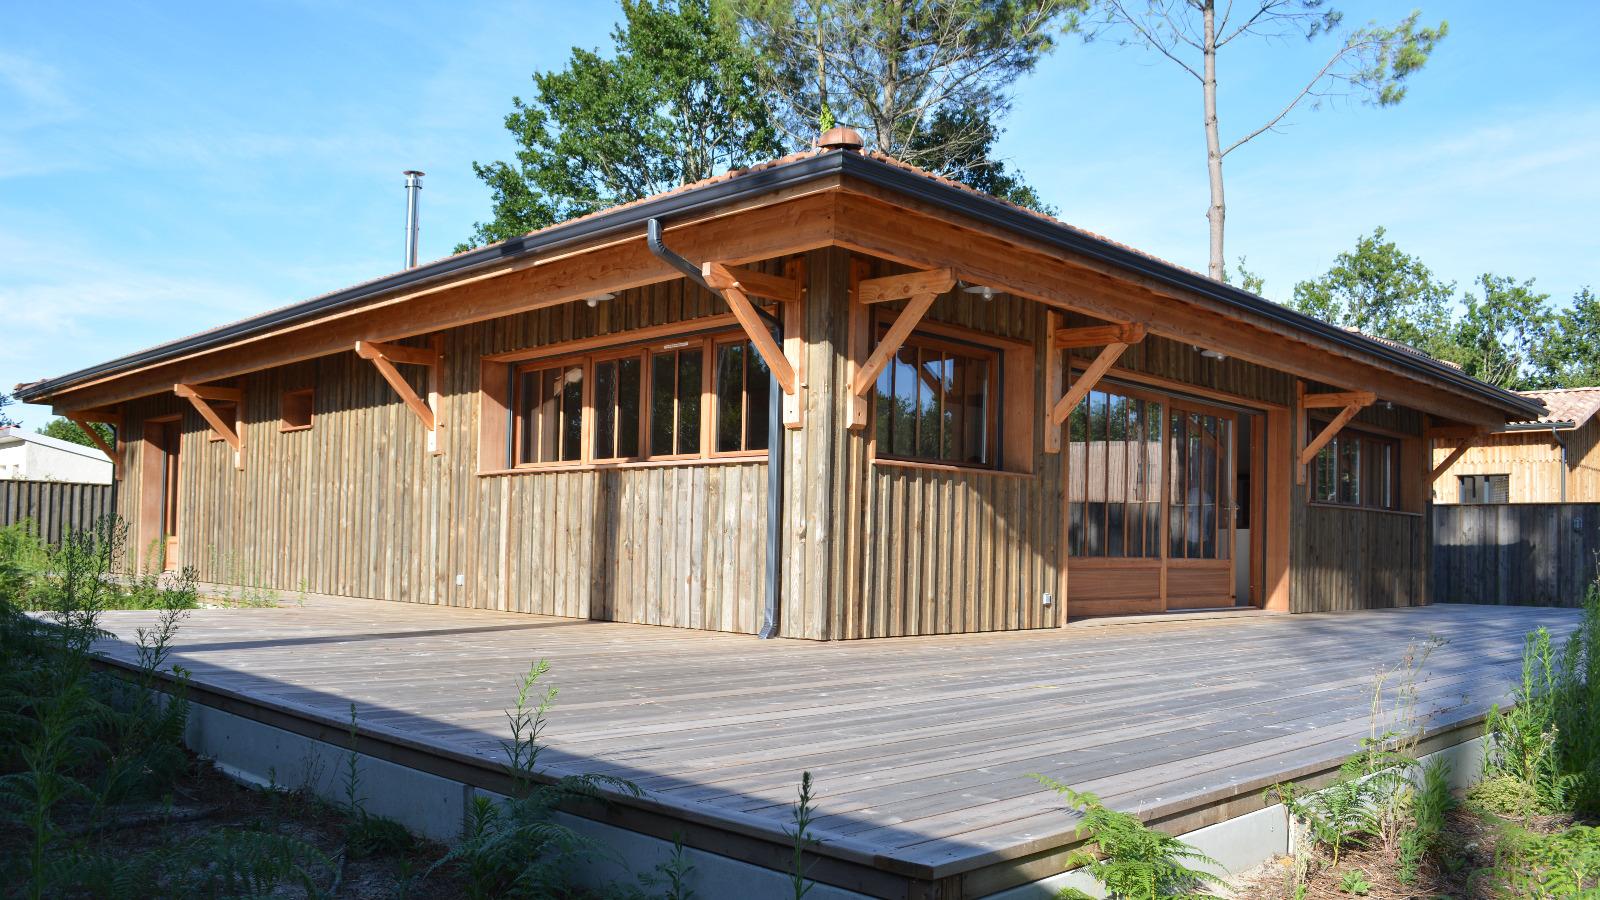 L ge cap ferret maison en bois proche commerces immo - Maison en bois cap ferret ...